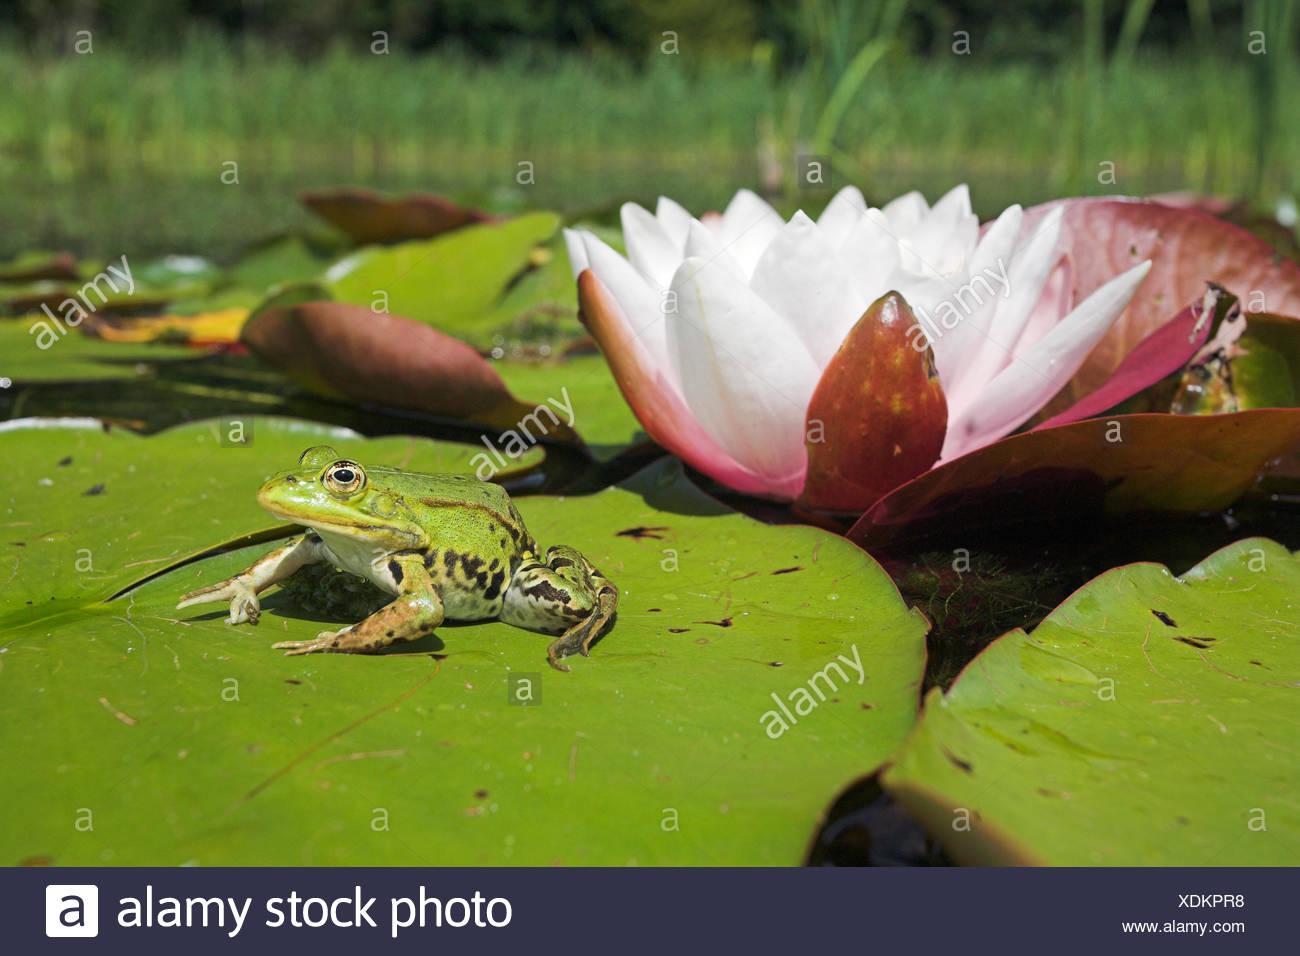 Foto von einem essbaren Frosch sitzt auf einem Blatt des Europäischen weißen Waterlilly mit einer Blume im Hintergrund Stockbild